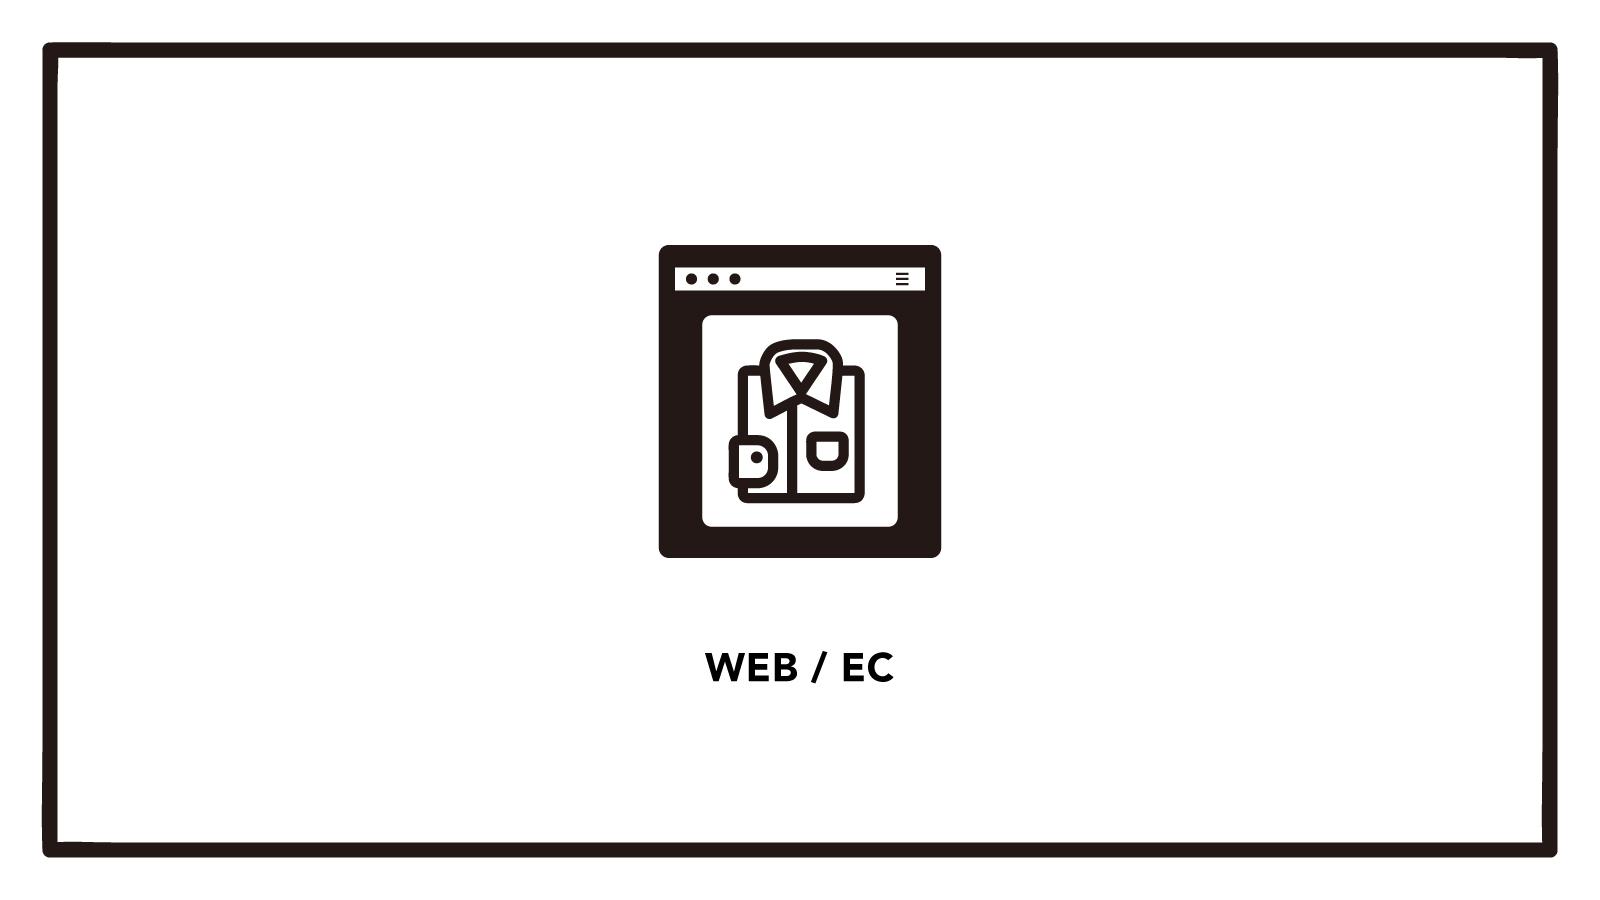 【EC運営担当】自社EC事業においてメンズ担当者を募集!!のカバー写真